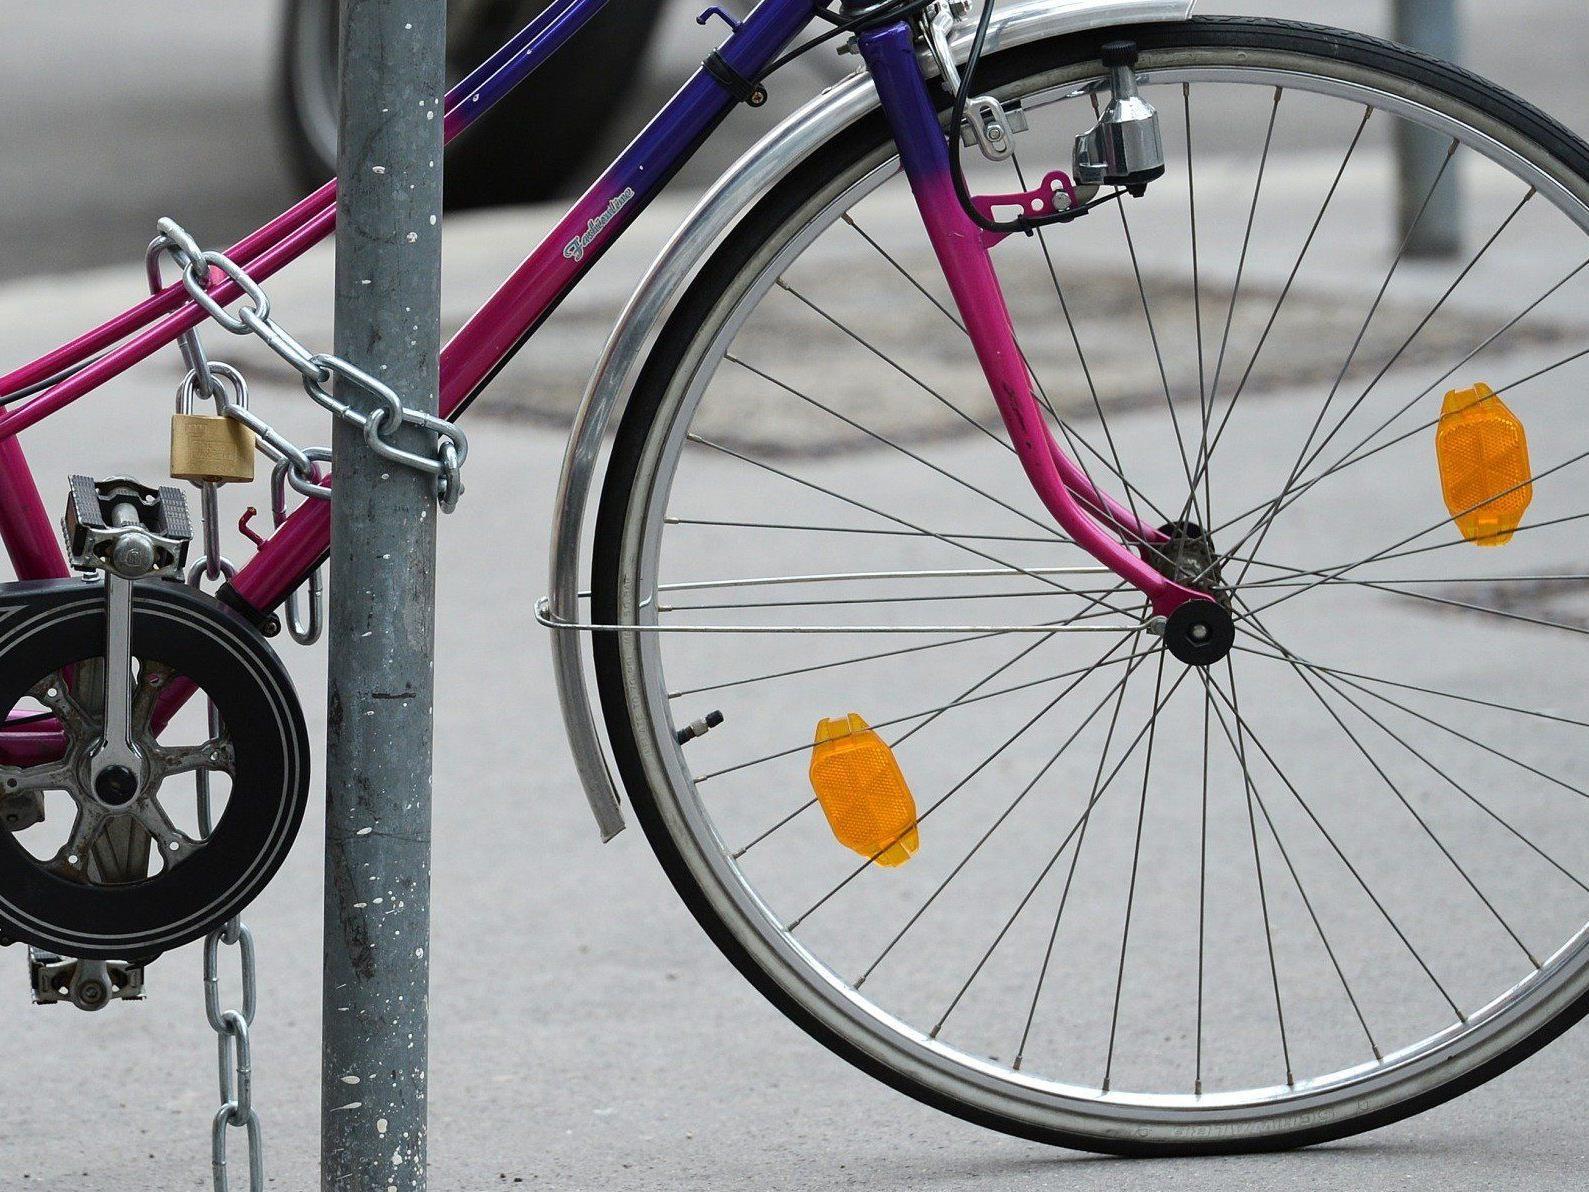 Festivalradln - Mit dem Fahrrad zum GLOBAL 2000 TOMORROW FESTIVAL